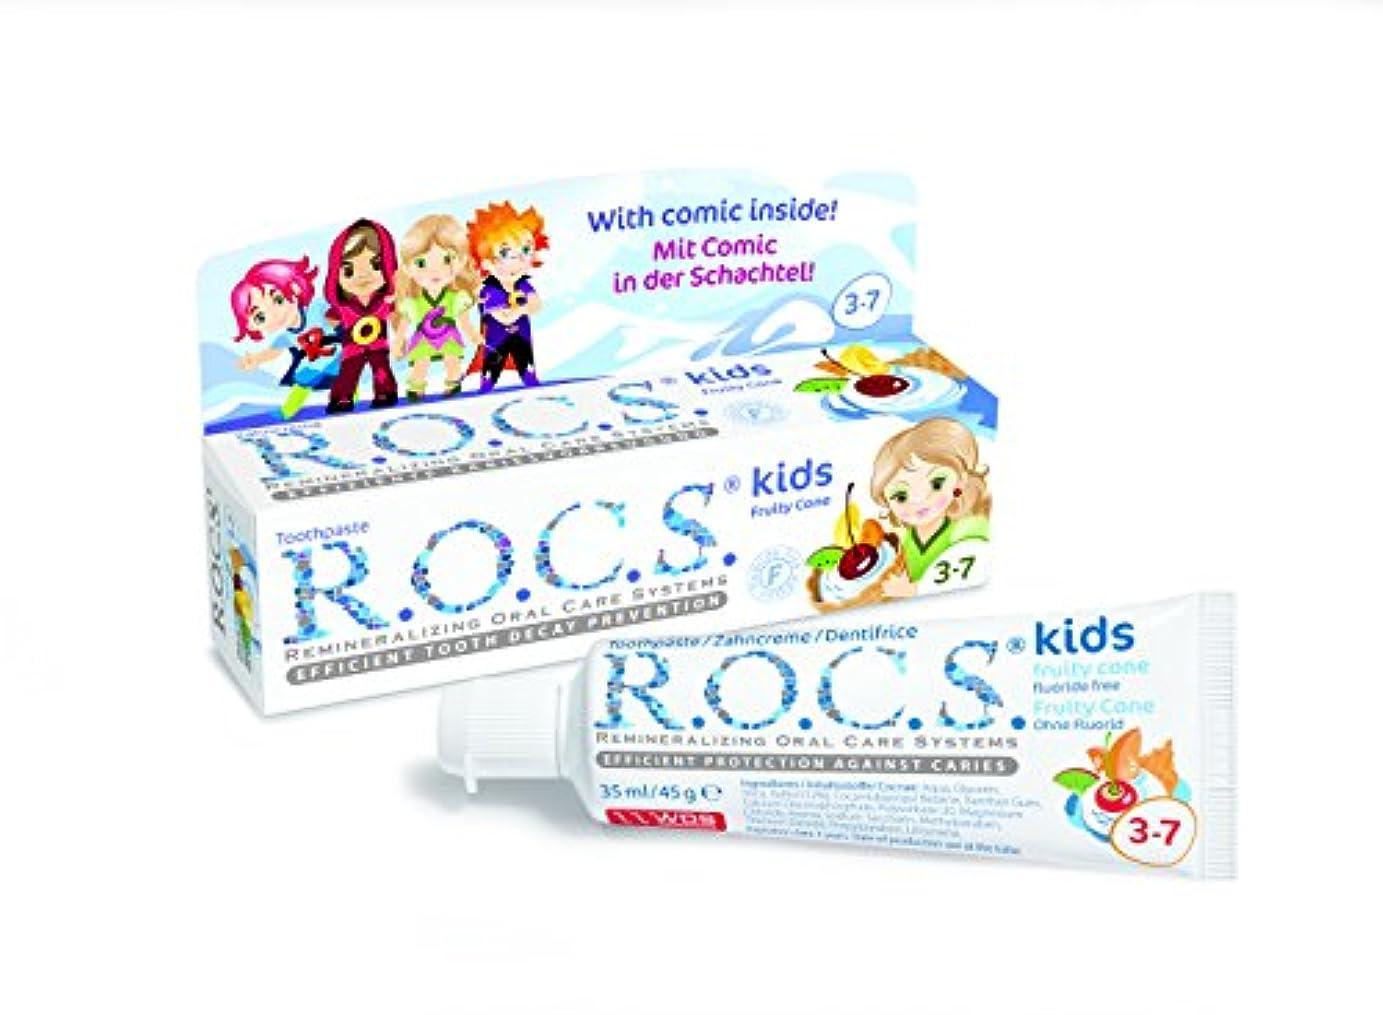 排除する簿記係段階R.O.C.S. ロックス歯磨き粉 キッズフルーティコーン3?7歳用